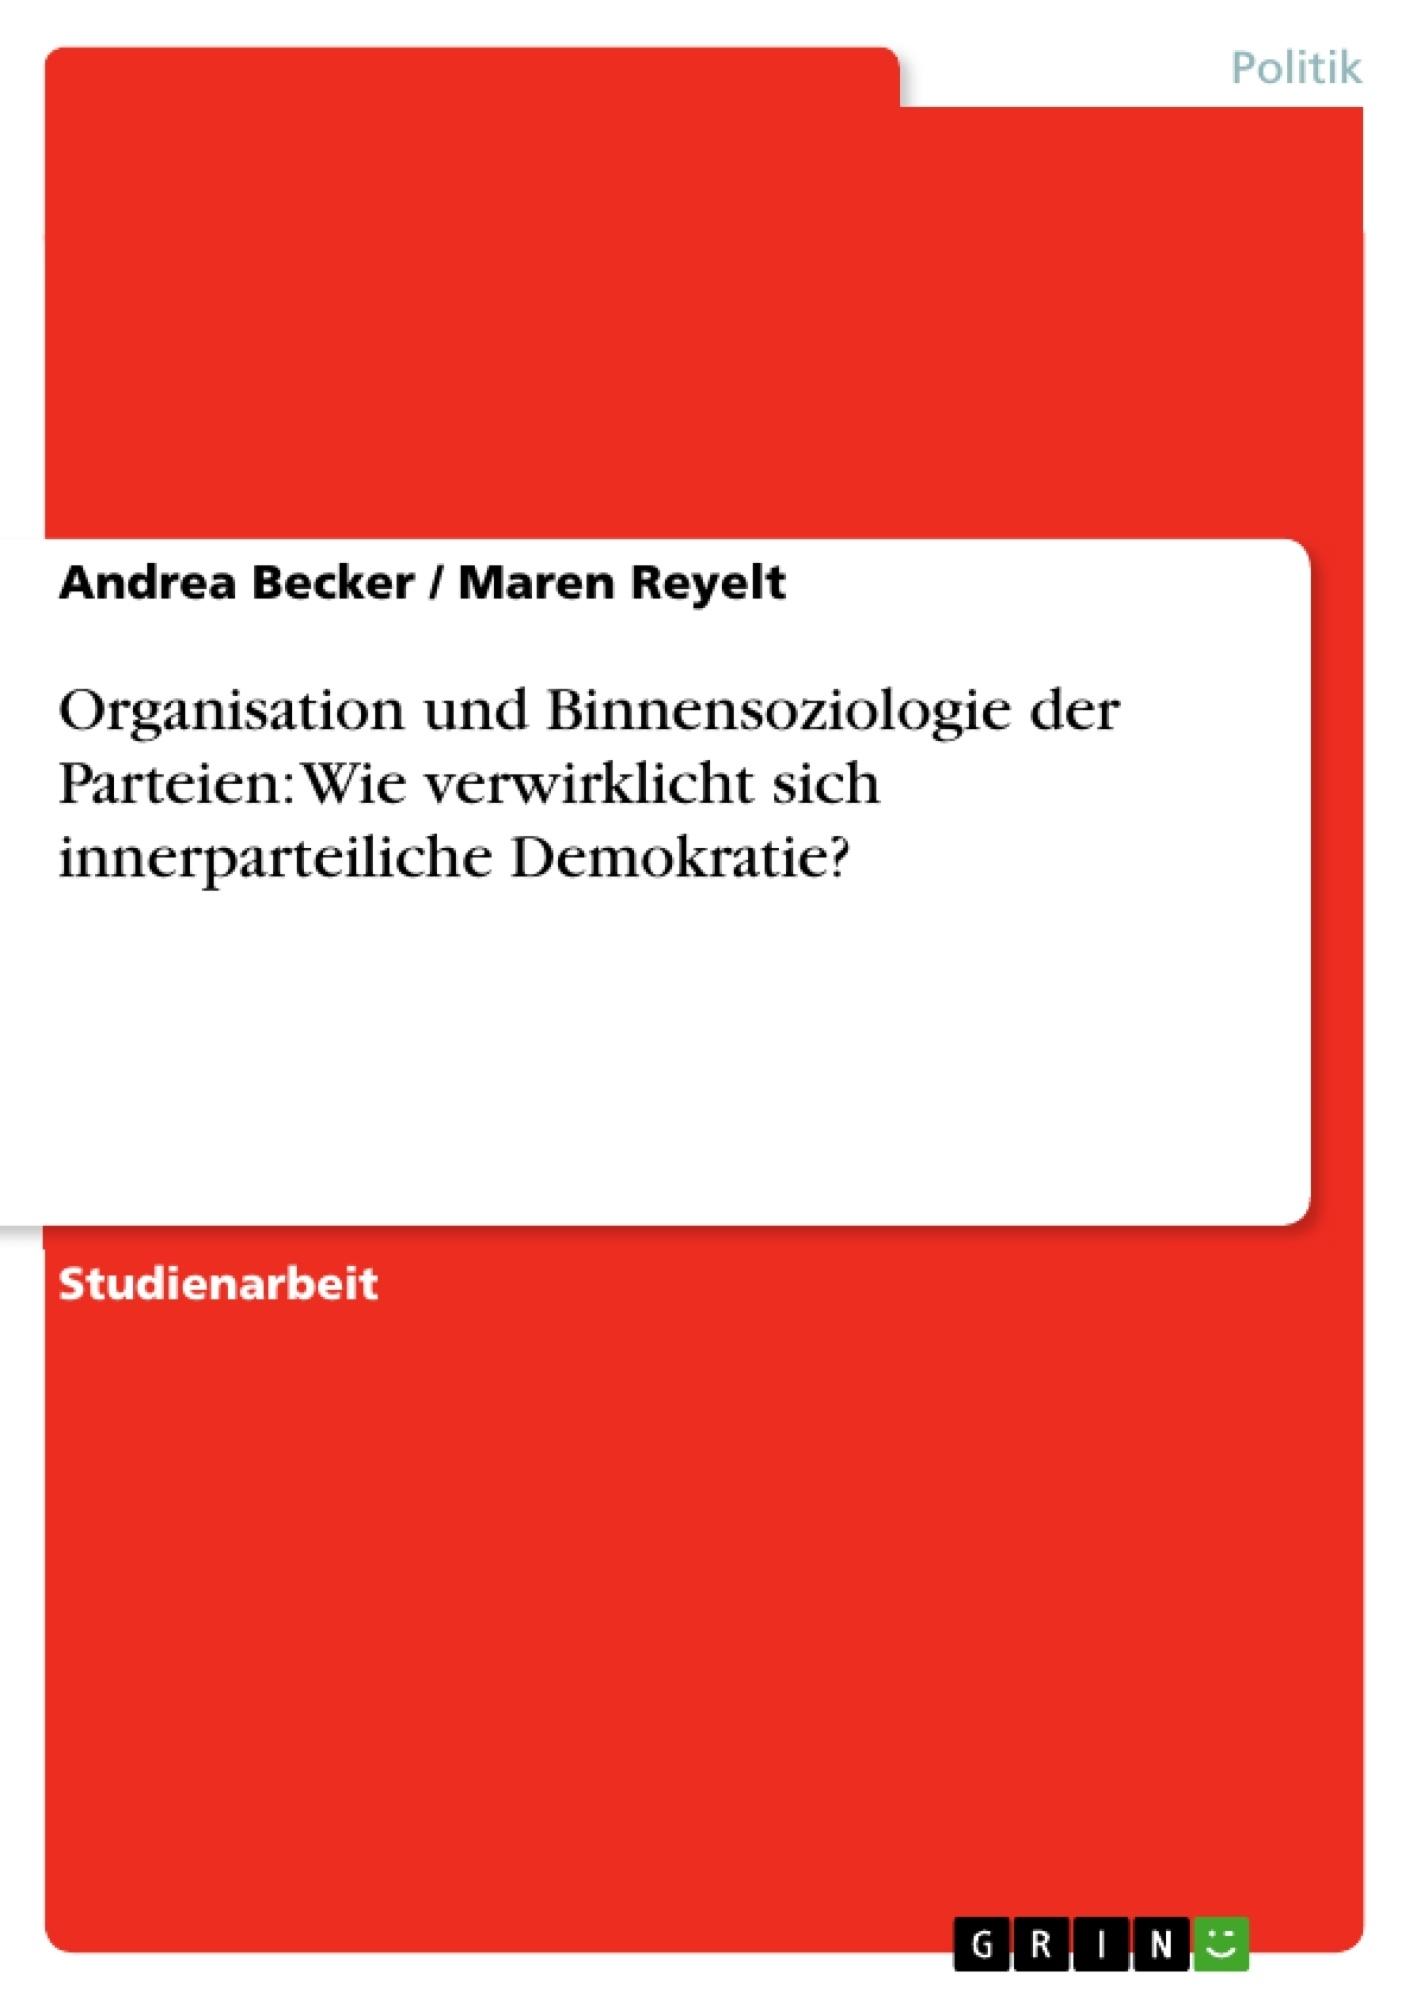 Titel: Organisation und Binnensoziologie der Parteien: Wie verwirklicht sich innerparteiliche Demokratie?